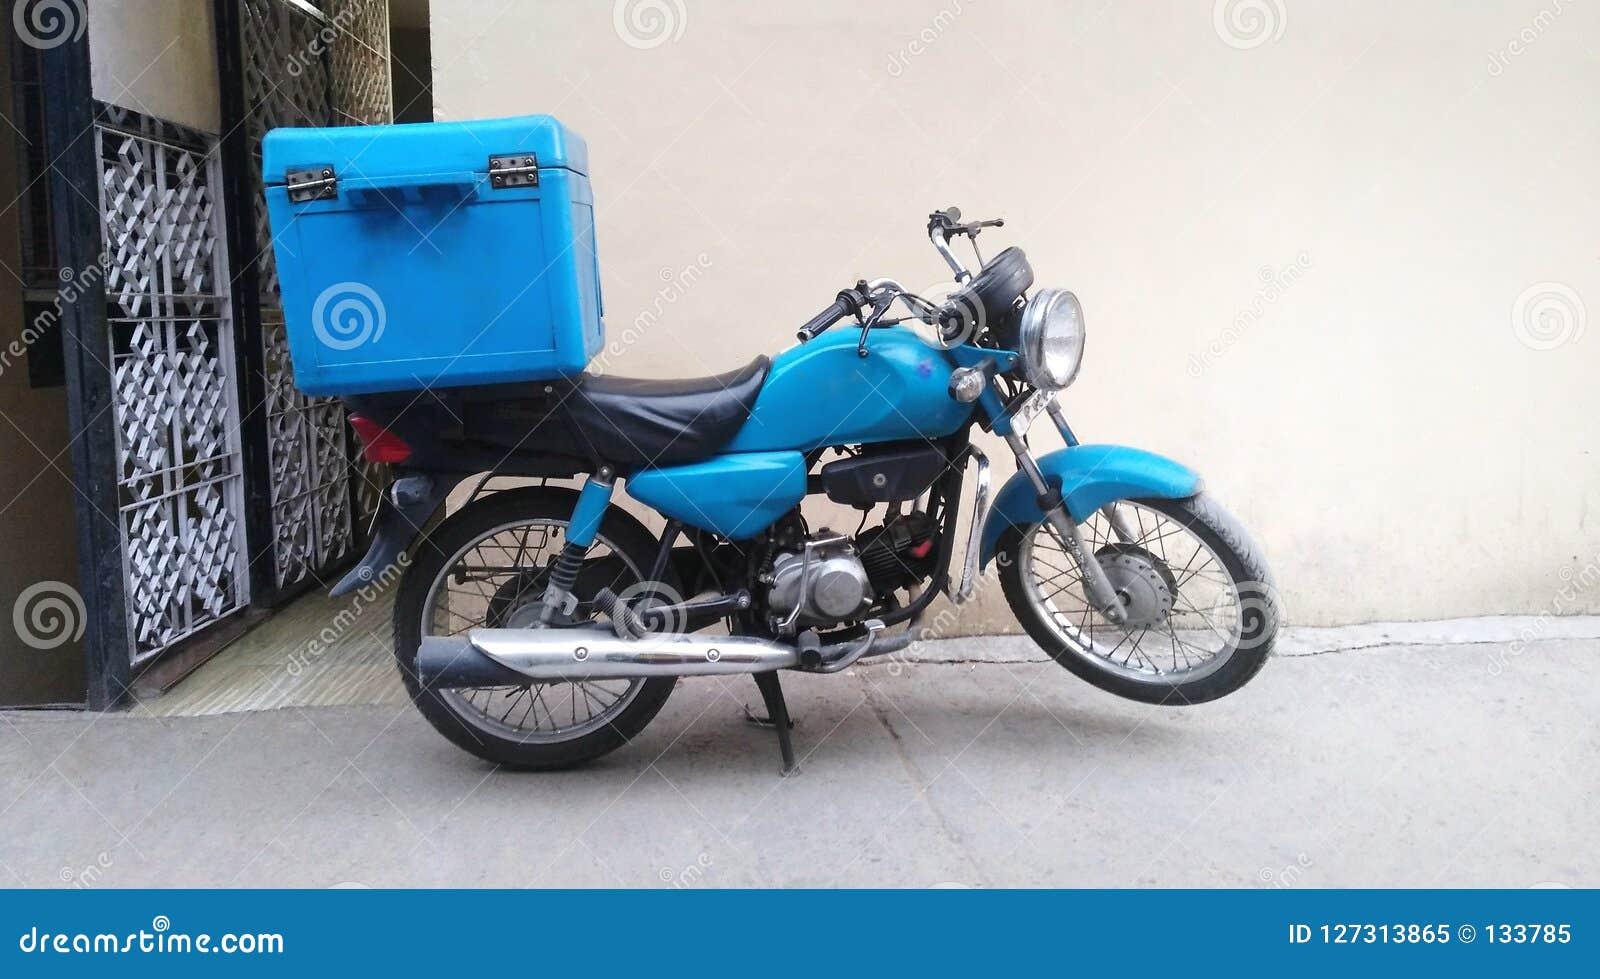 Moto pour la livraison de nourriture